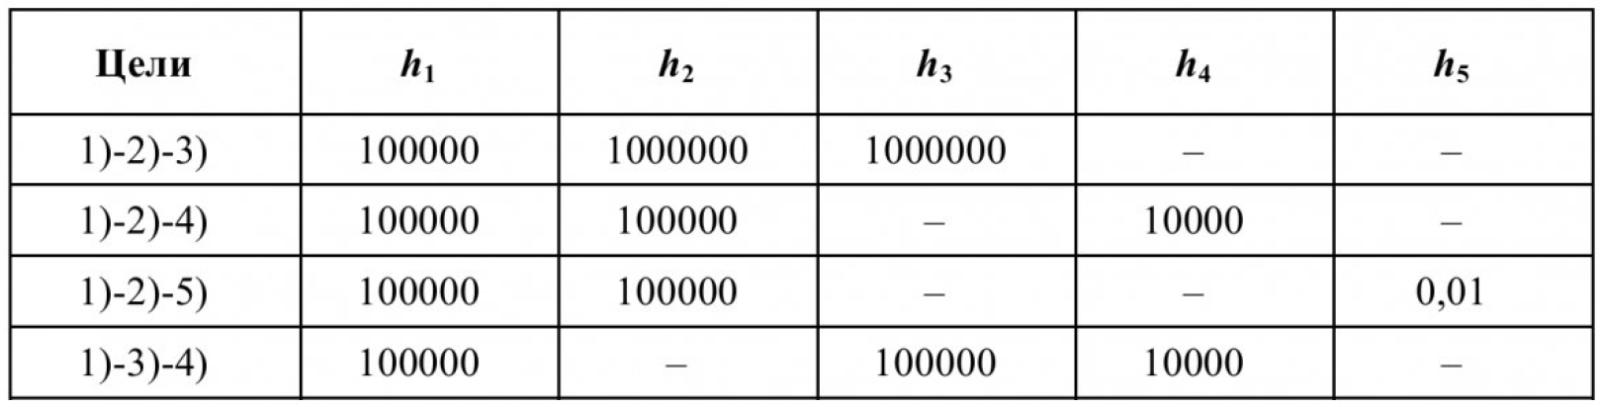 Таблица 1 – Значение весовых коэффициентов при различных комбинациях целей управления